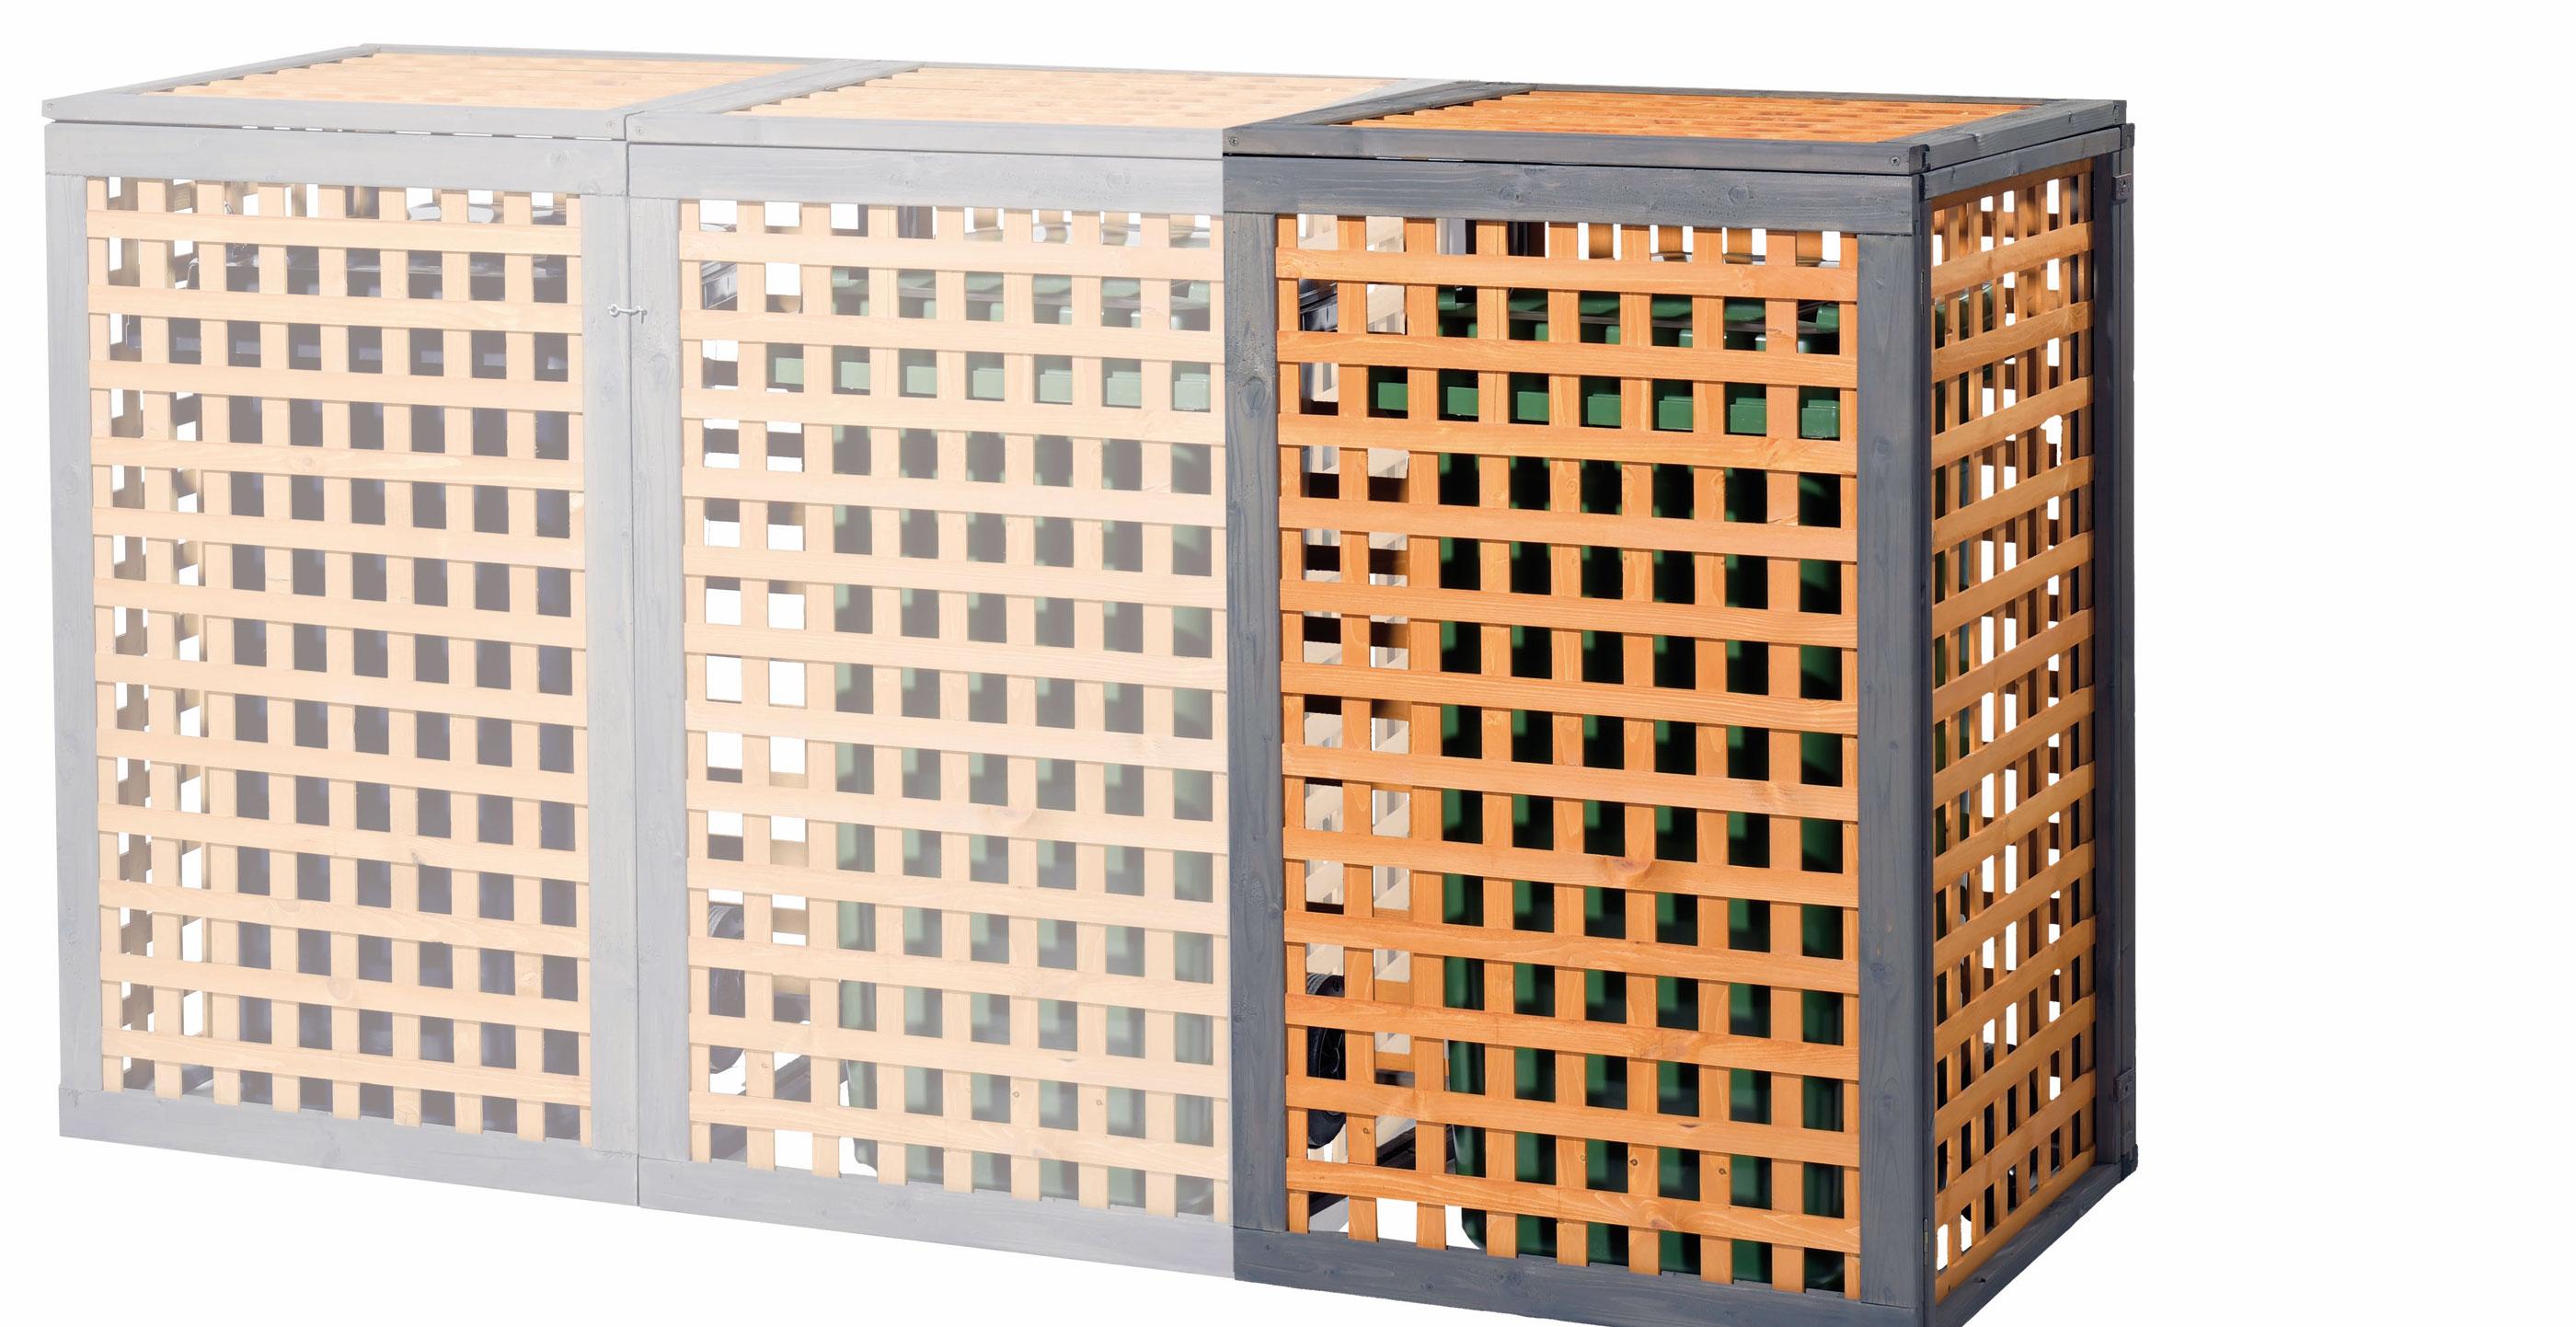 Erweiterungselement zu Holz Mülltonnenbox Kaprun Bild 1